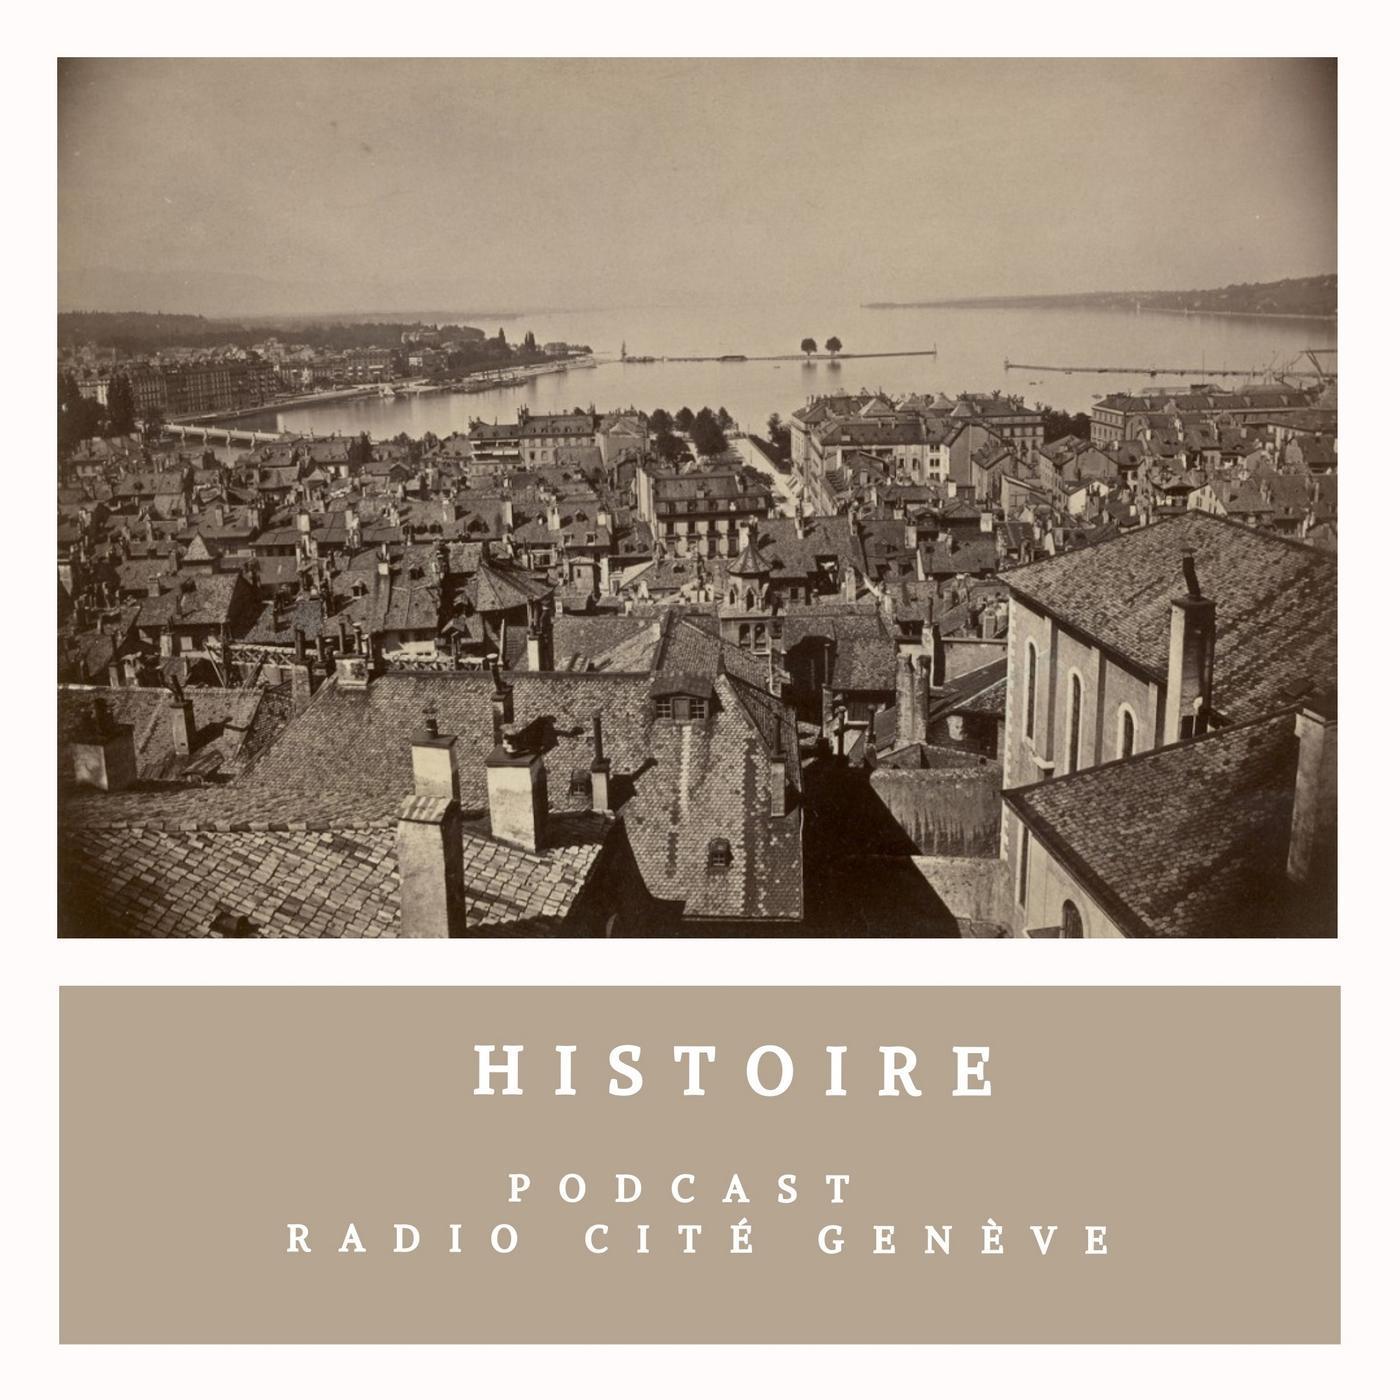 Histoire - 24/09/21 - Henri-Frédéric Amiel